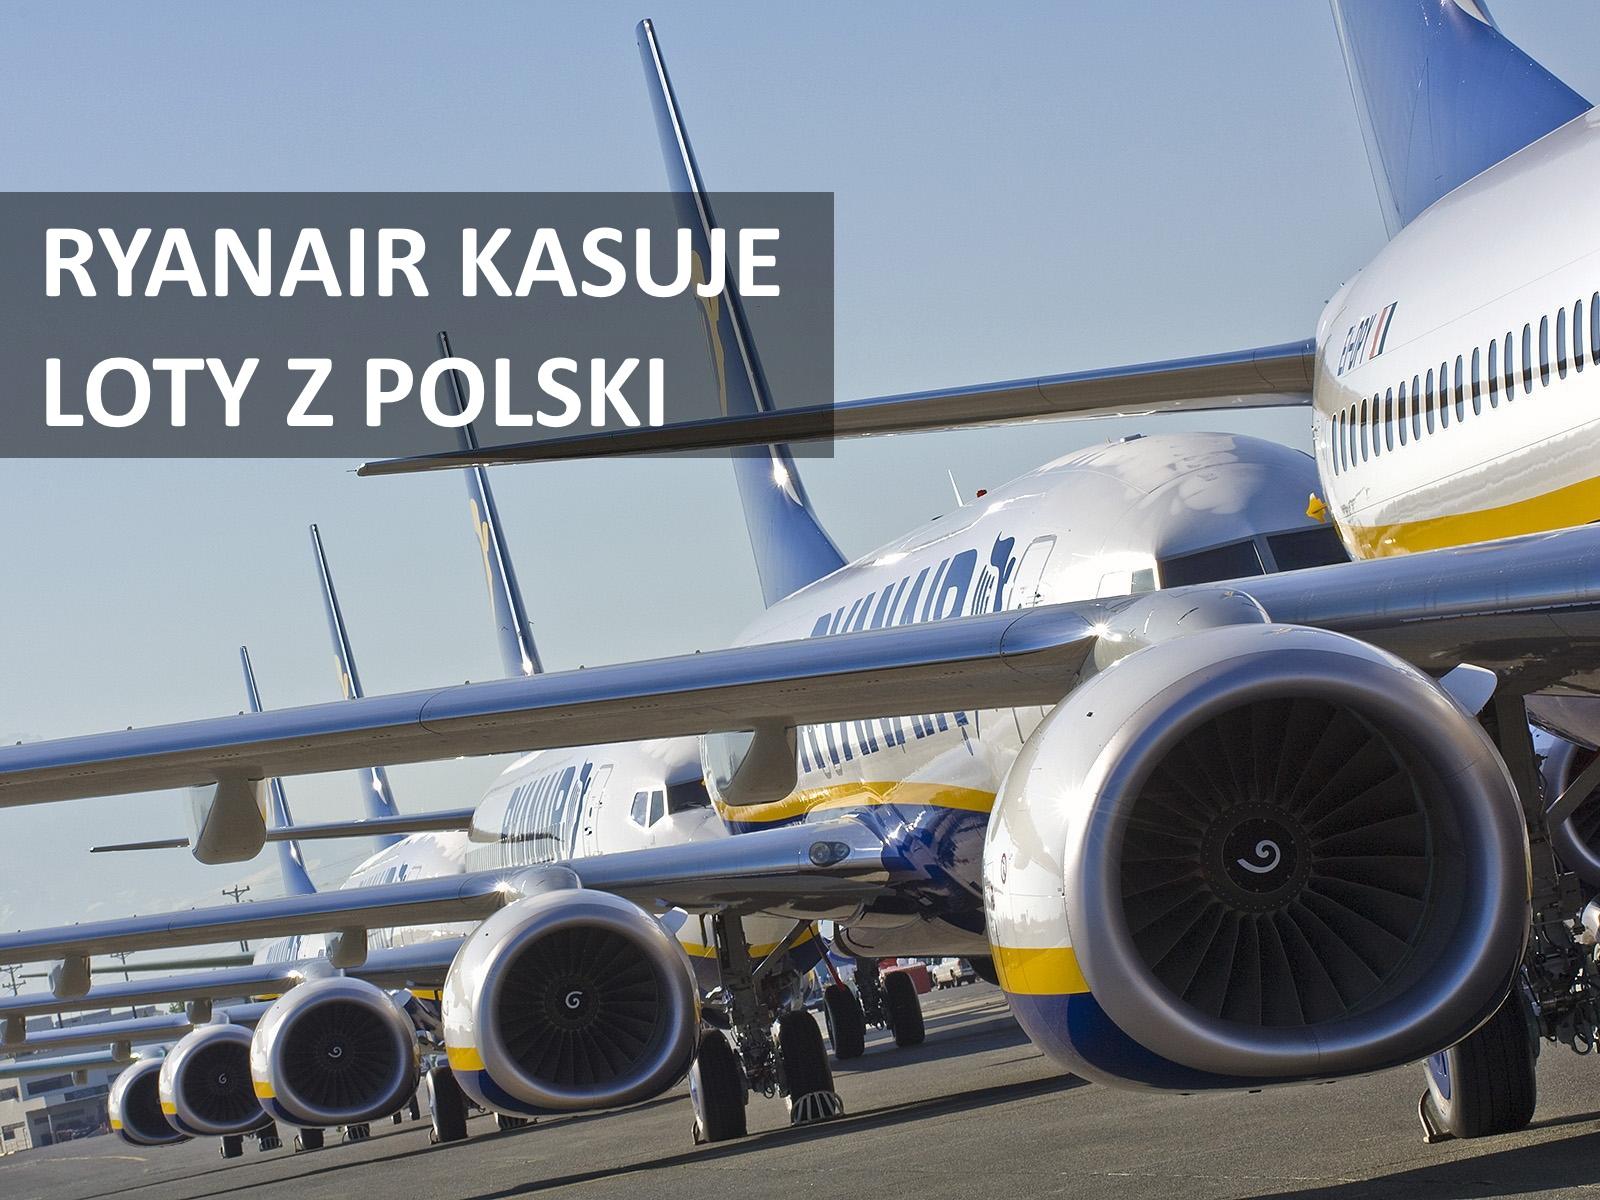 Ryanair kasuje loty na kilkudziesięciu trasach z Polski. Znowu!